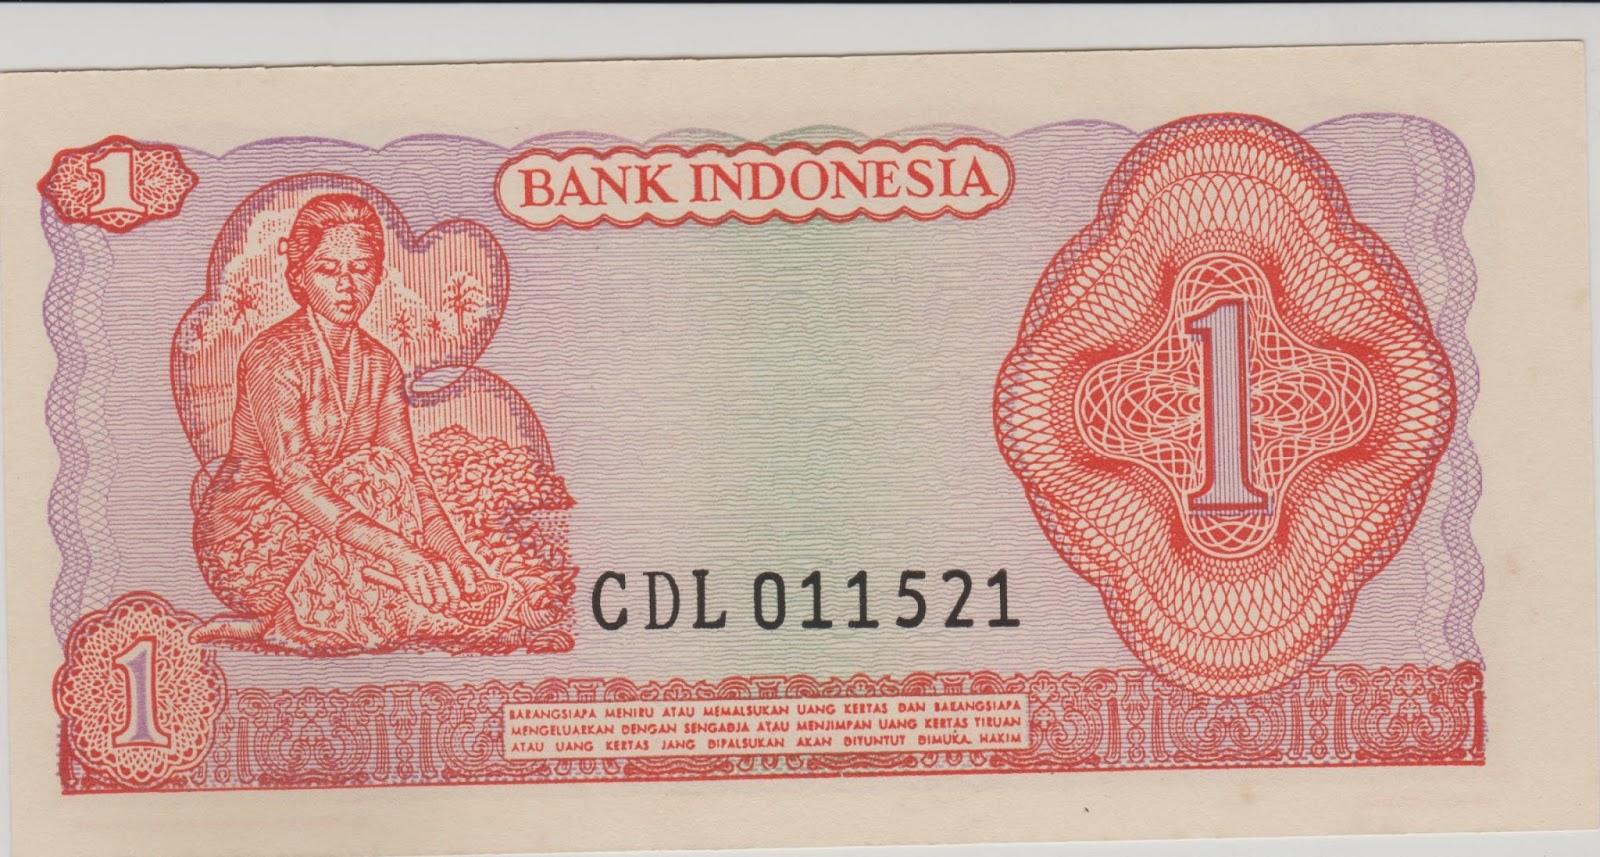 uang kuno Seri Soedirman tahun 1968 Pecahan 1 rupiah